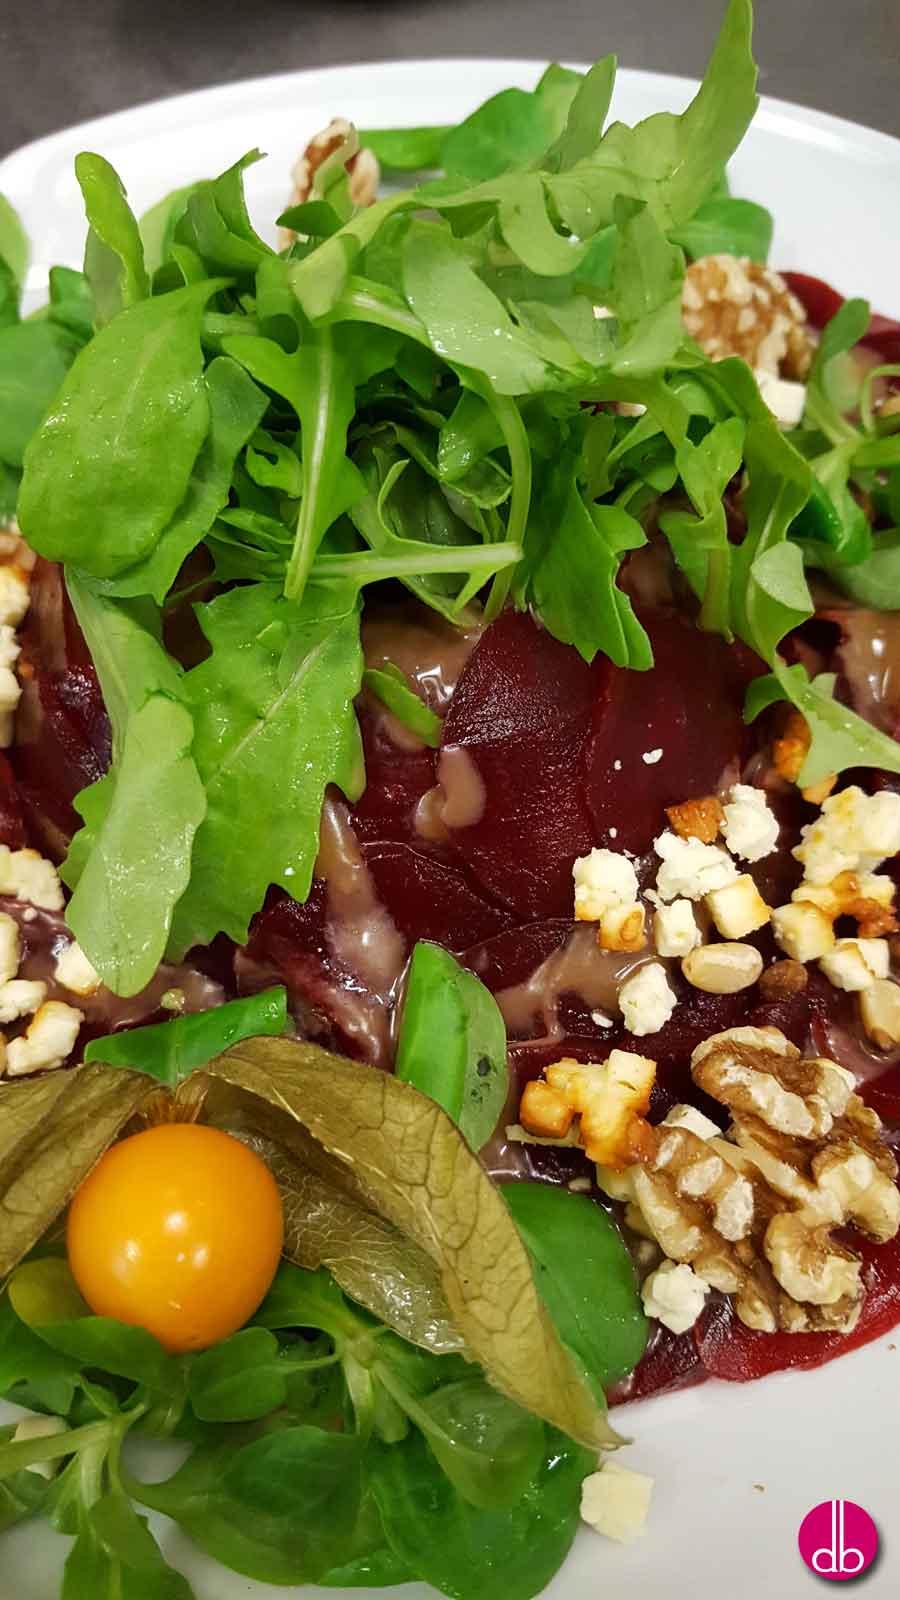 russischer rote bete salat rezepte suchen. Black Bedroom Furniture Sets. Home Design Ideas